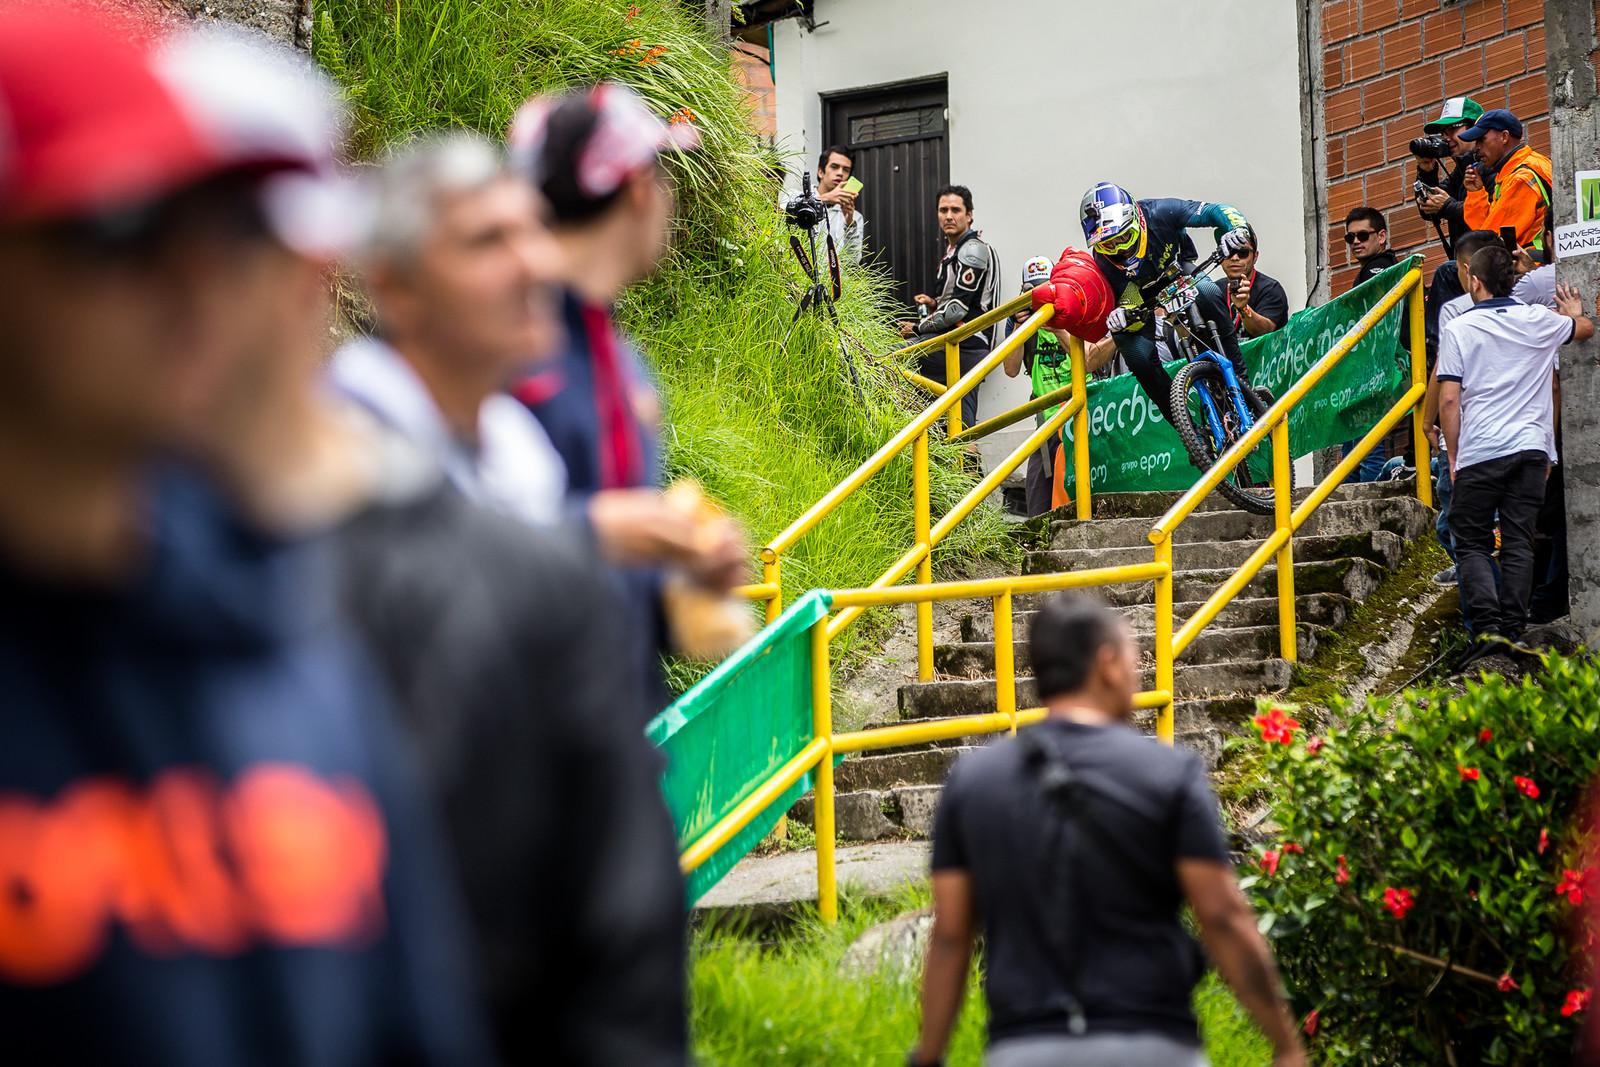 Urban Enduro - EWS Colombia Insanity! - URBAN ENDURO! EWS Colombia - Mountain Biking Pictures - Vital MTB